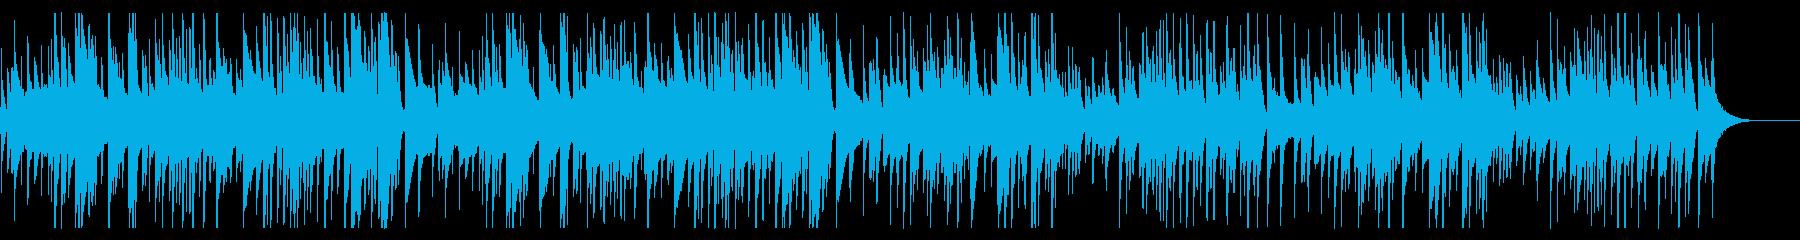 ギター 曲 バッハの再生済みの波形